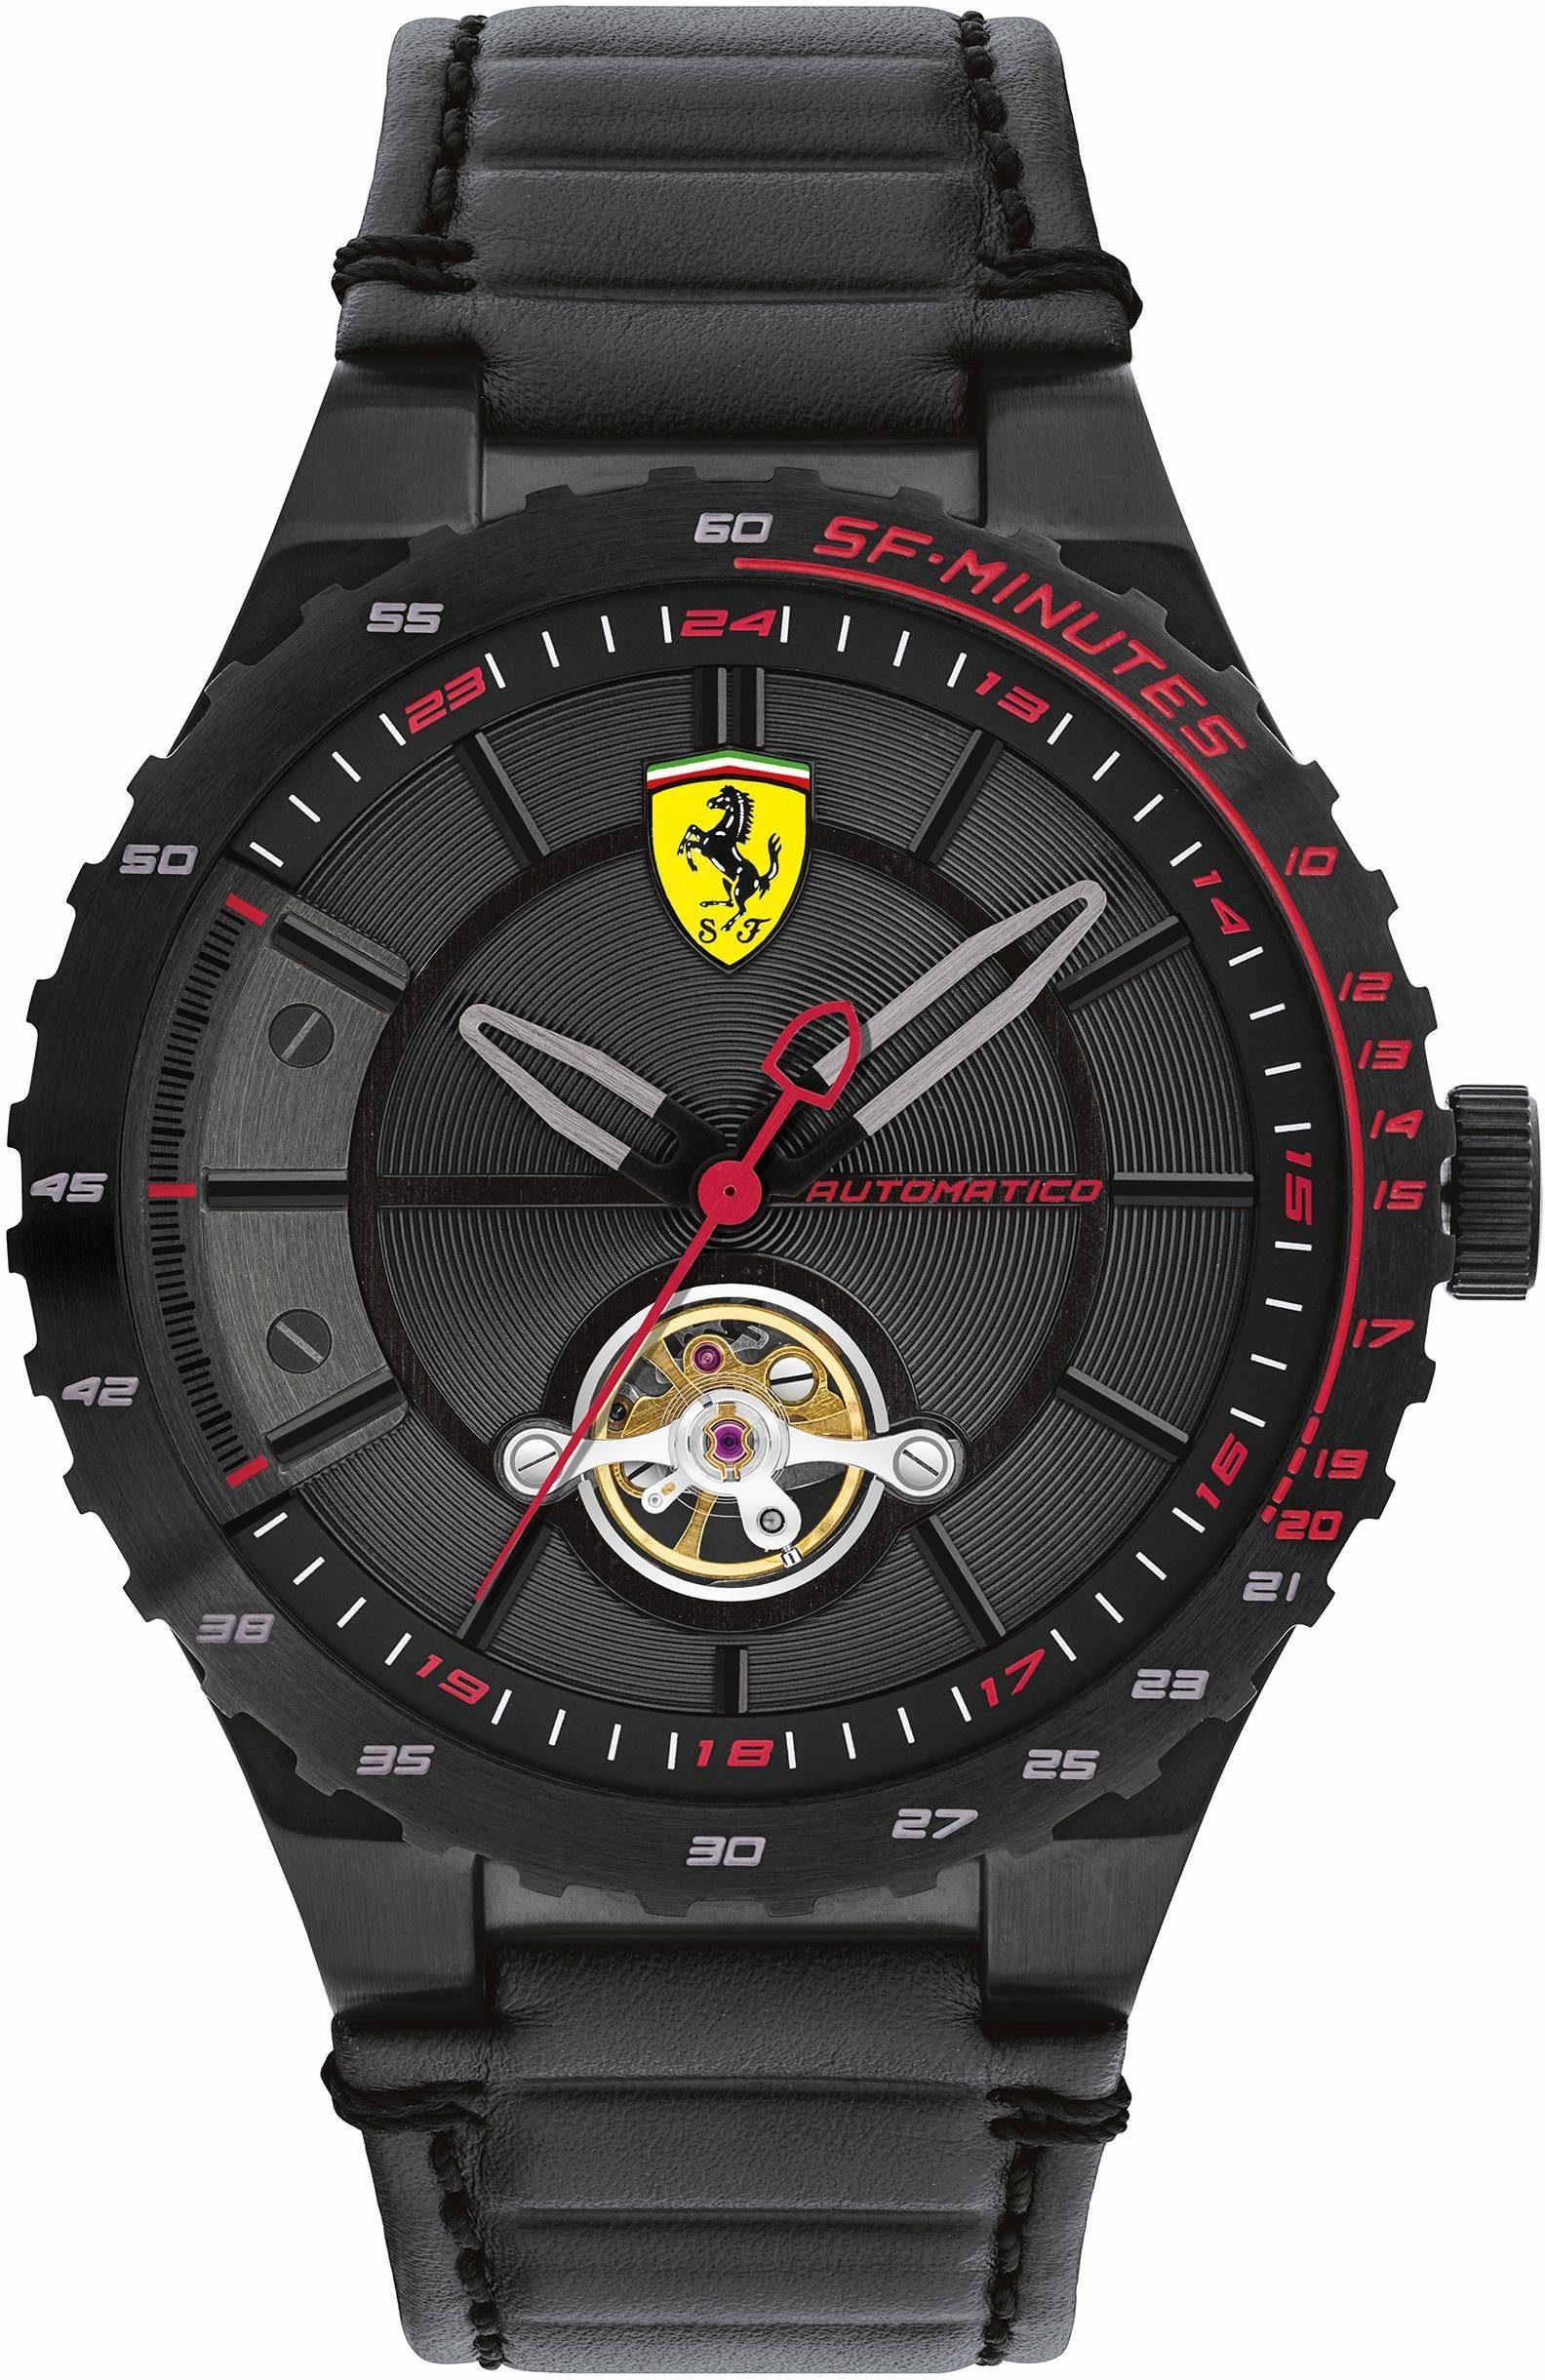 Scuderia Ferrari Automatikuhr »Speciale Evo Automatico«